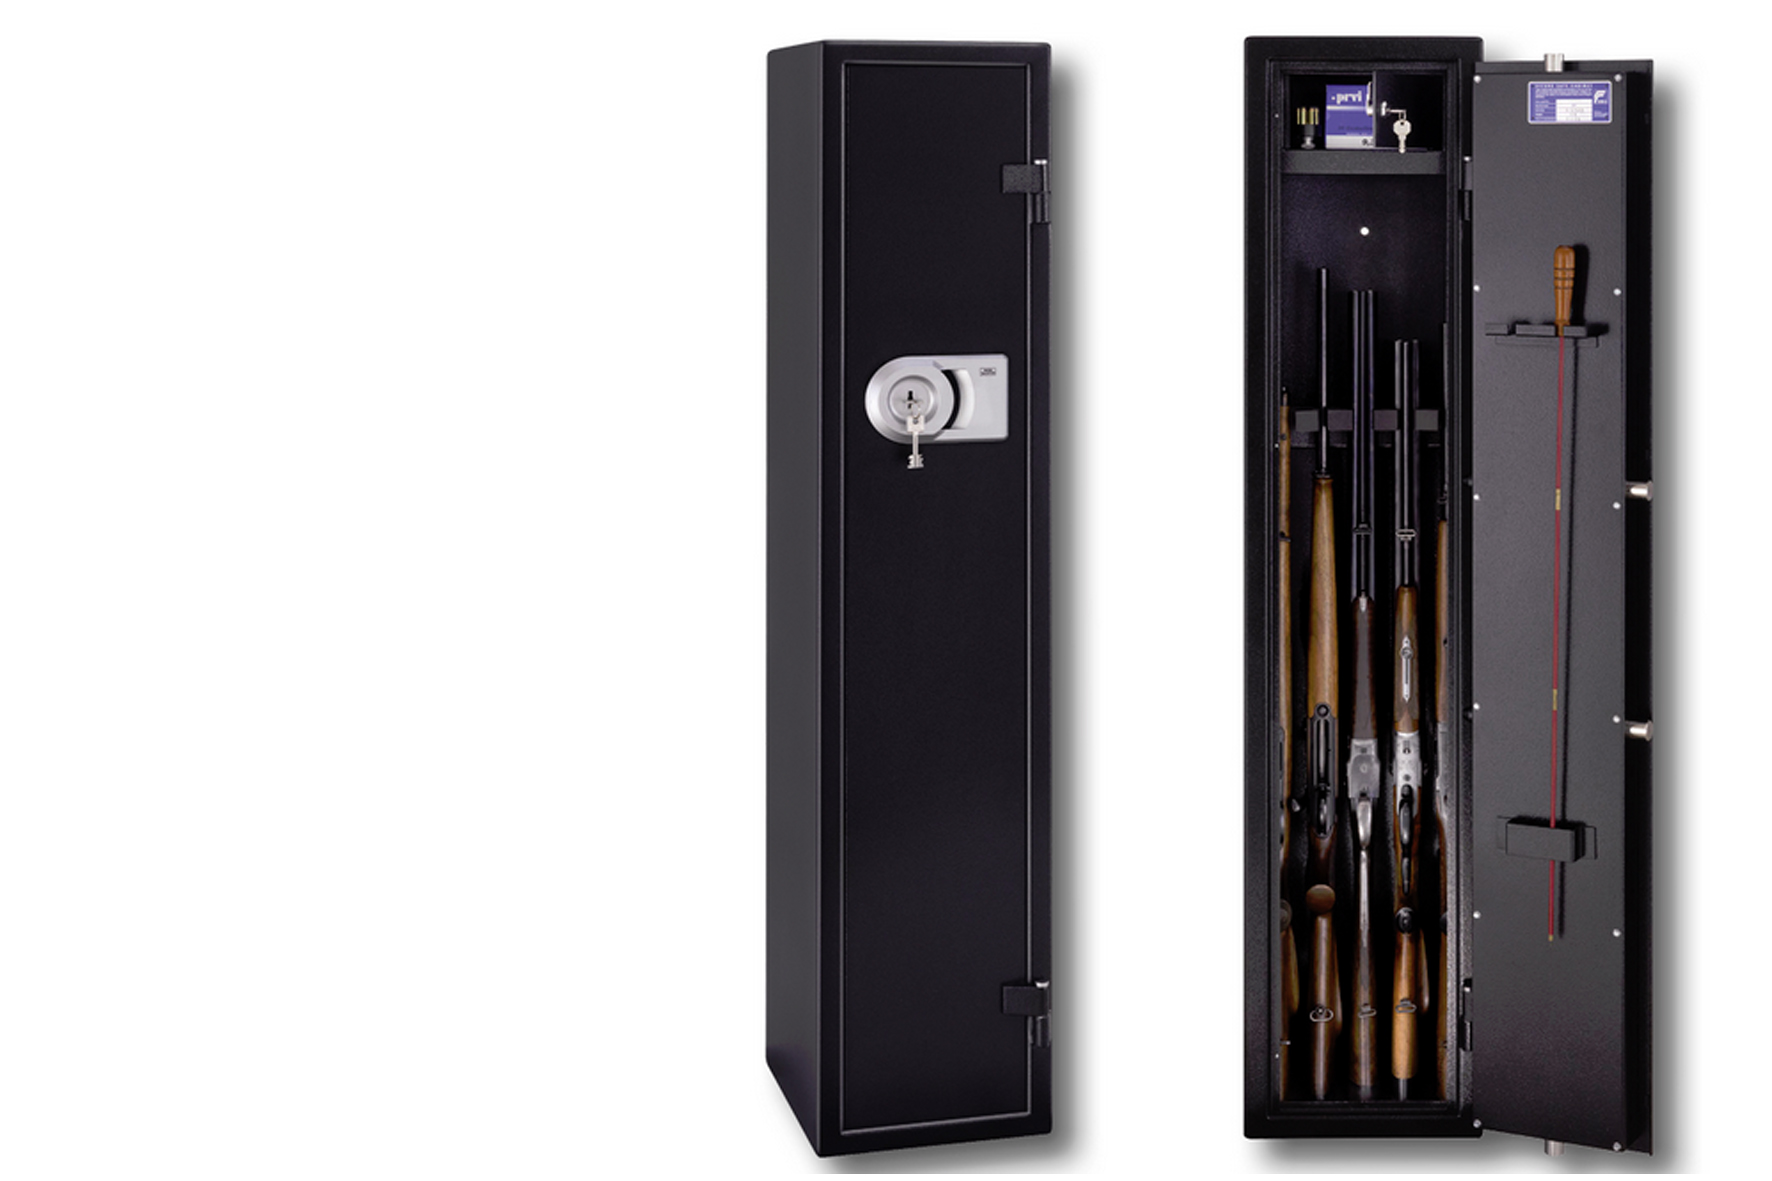 armoire 39 39 fusil burg wachter ranger achat en ligne ou dans notre magasin. Black Bedroom Furniture Sets. Home Design Ideas